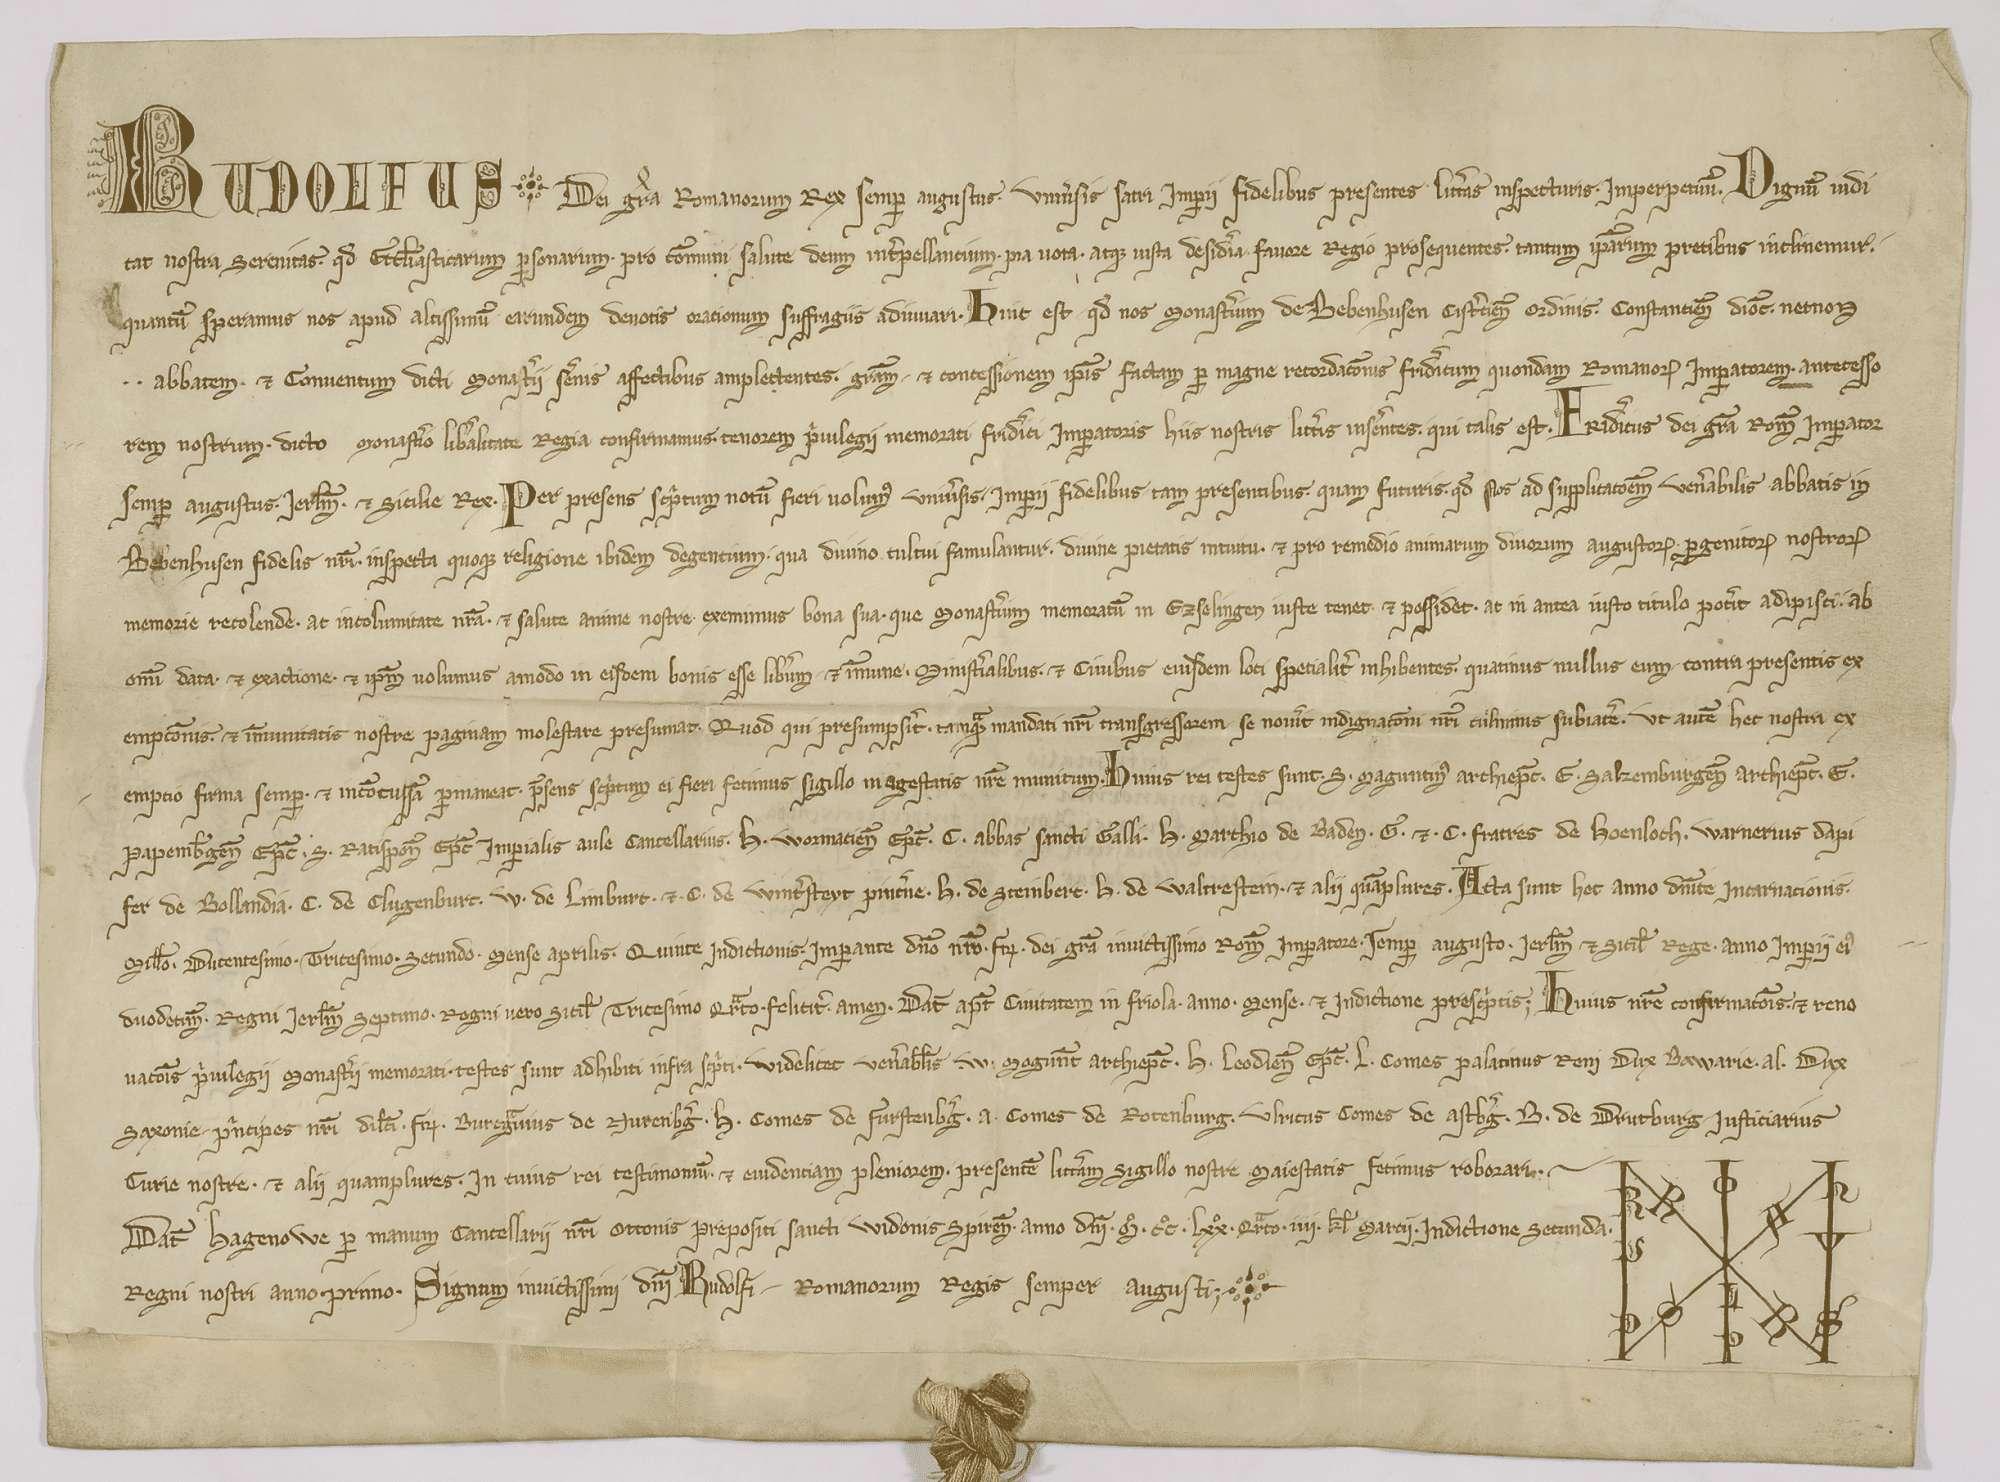 König Rudolf bestätigt und erneuert dem Kloster Bebenhausen das in der Urkunde inserierte Privilegium Kaiser Friedrichs II. von 1232 April., Bild 1